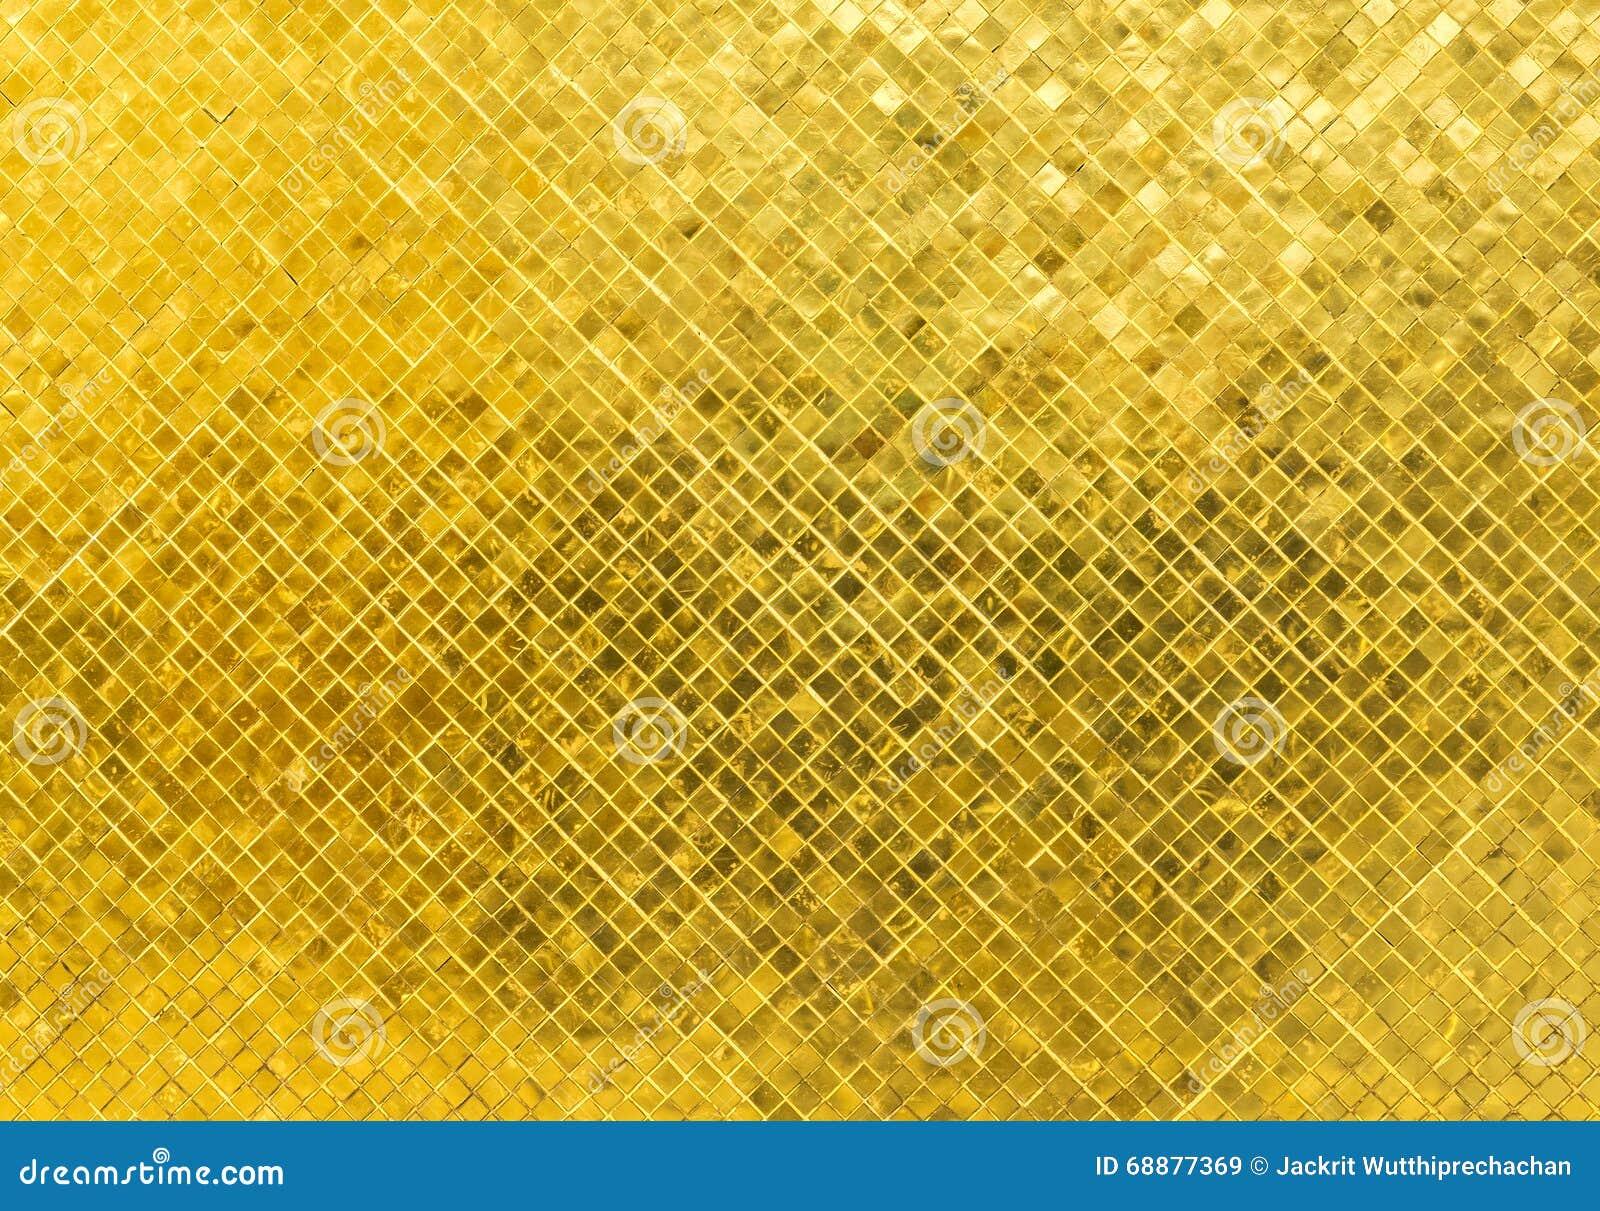 Textura dourada brilhante luxuosa do fundo do mosaico de Tone Rectangle Tile Glass Pattern